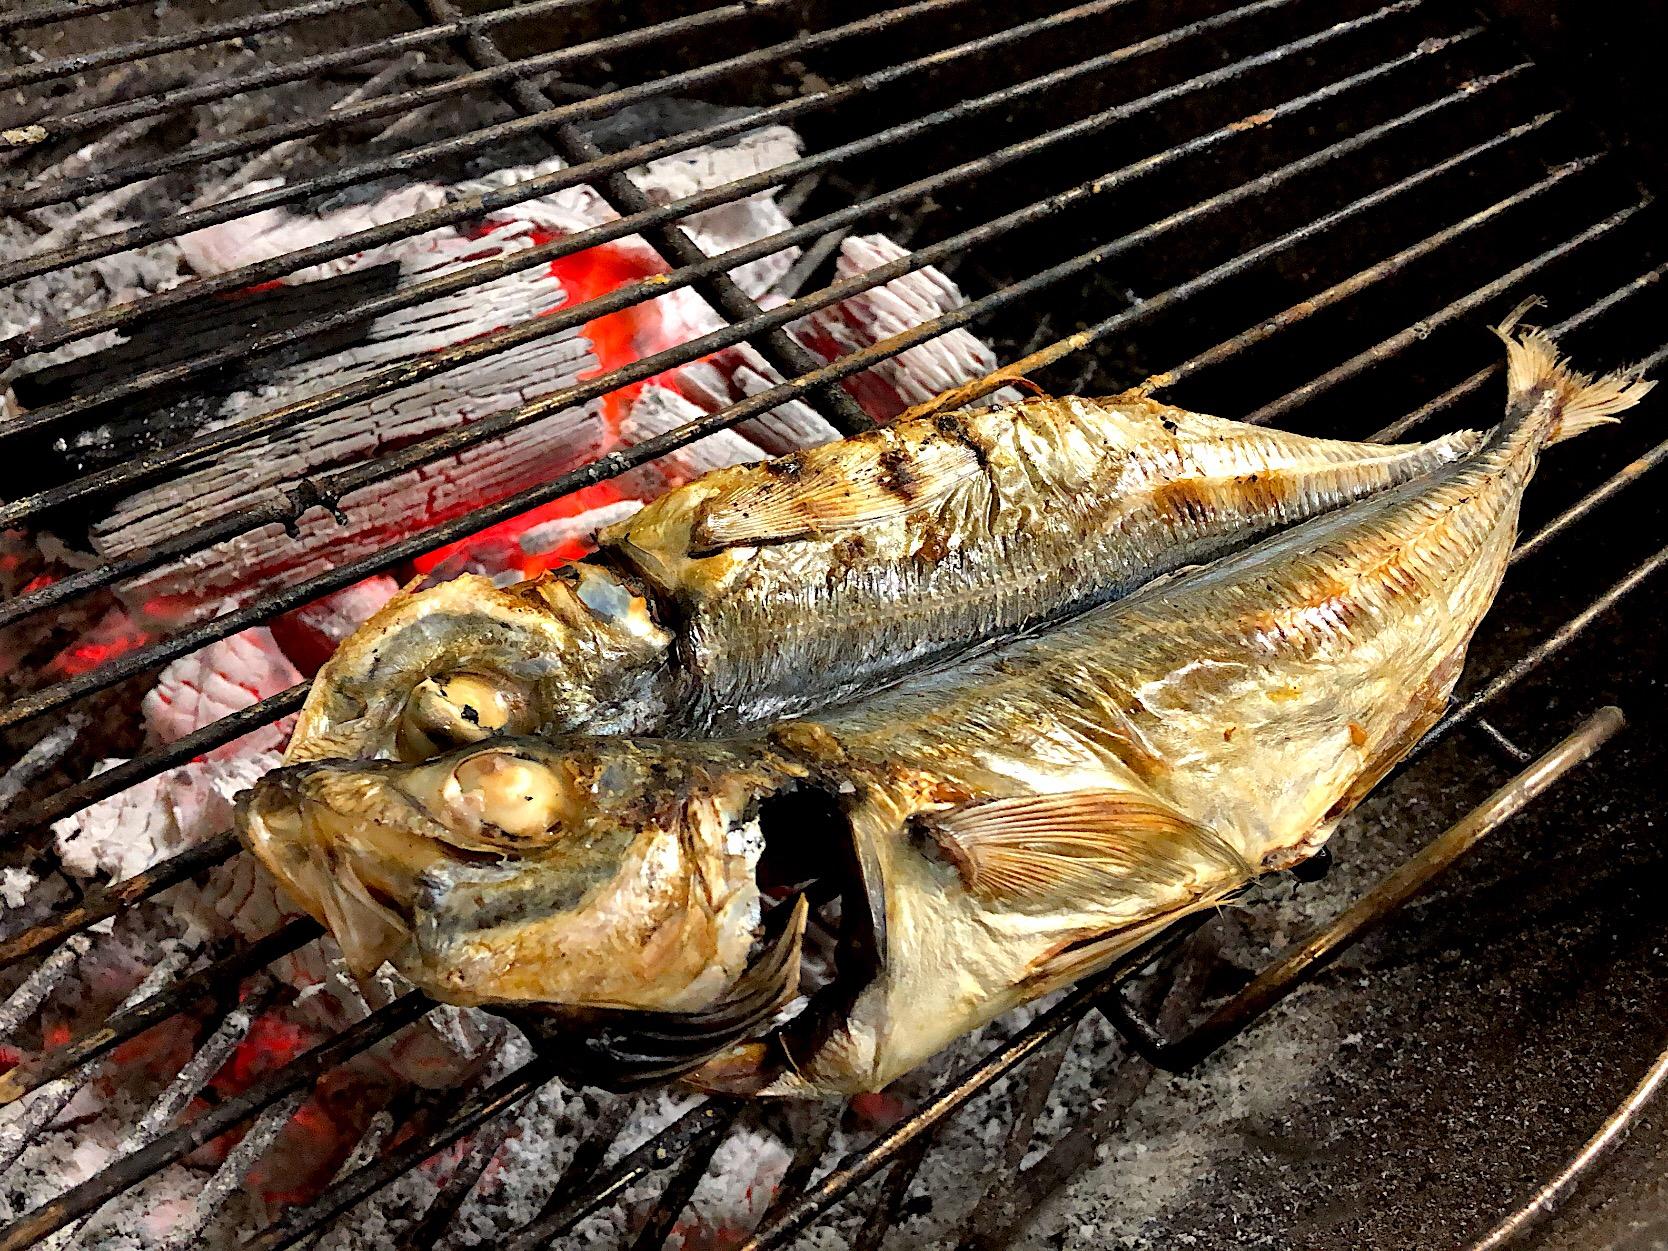 おいしいアジ(鯵)の種類!特徴や旬の時期、味わいを徹底解説の画像